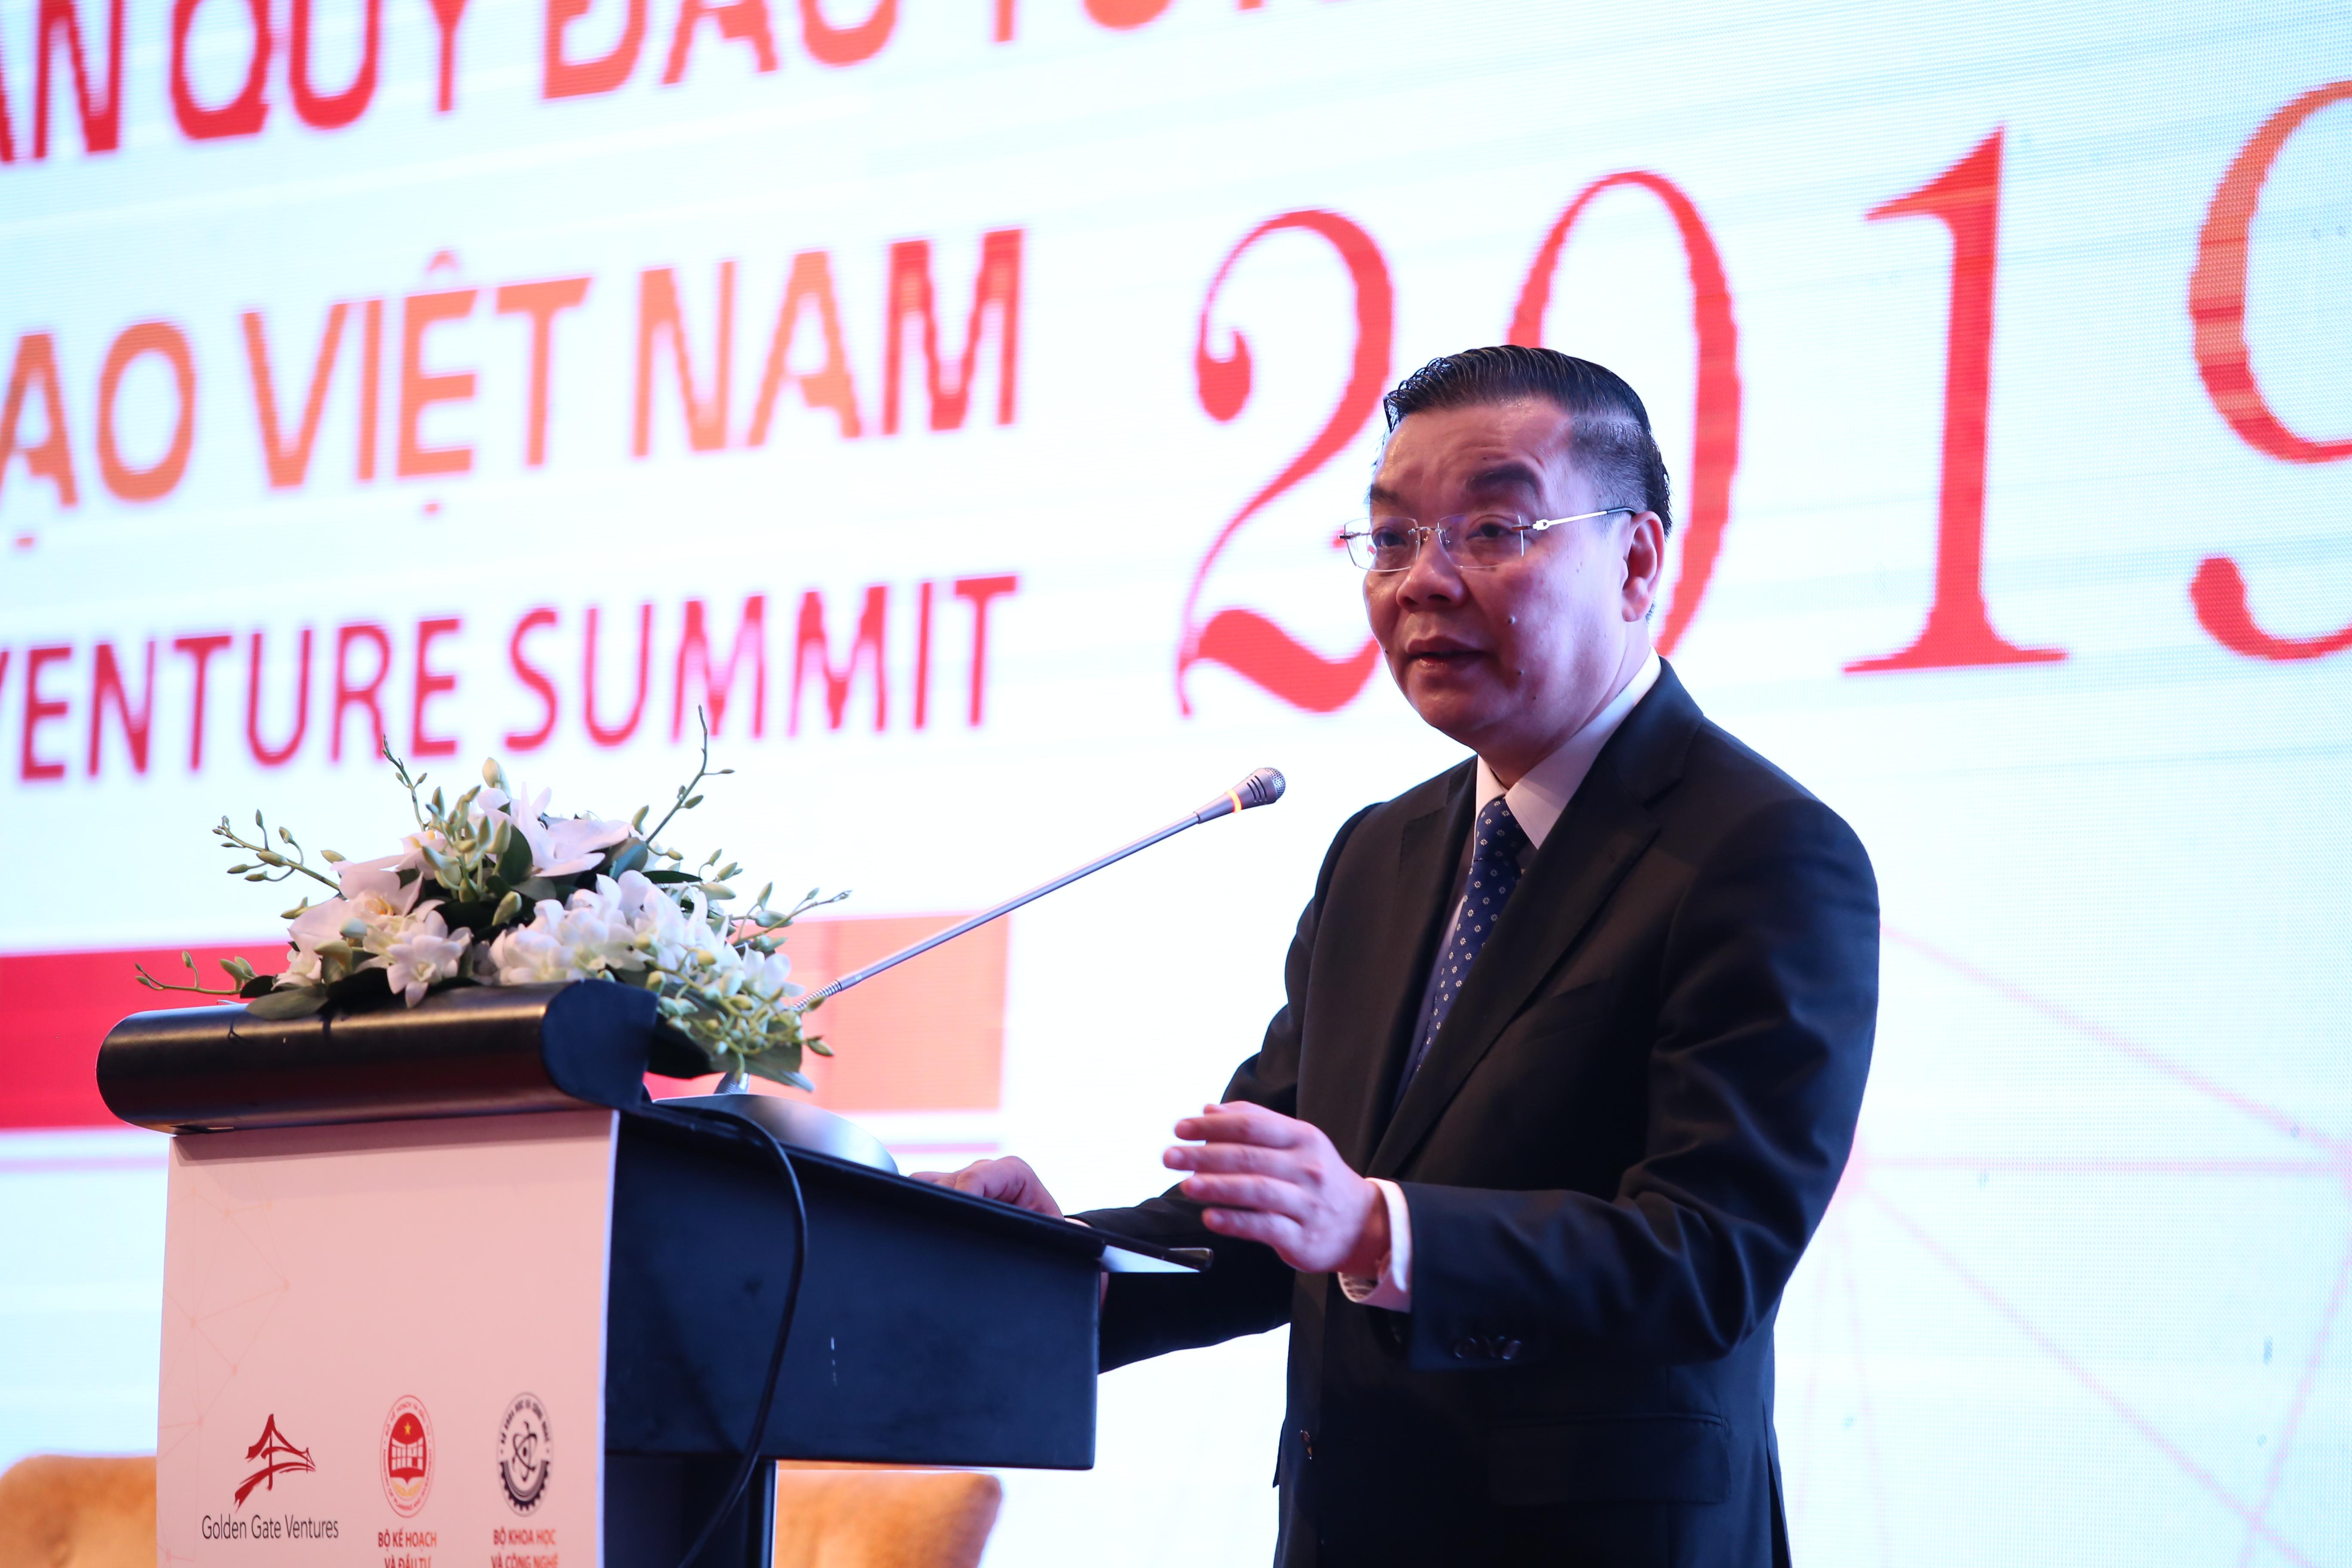 Bộ trưởng Bộ Khoa học và Công nghệ Chu Ngọc Anh tóm tắt về việc phát triển hệ sinh thái khởi nghiệp của Việt Nam. Ảnh: Ngô Hà